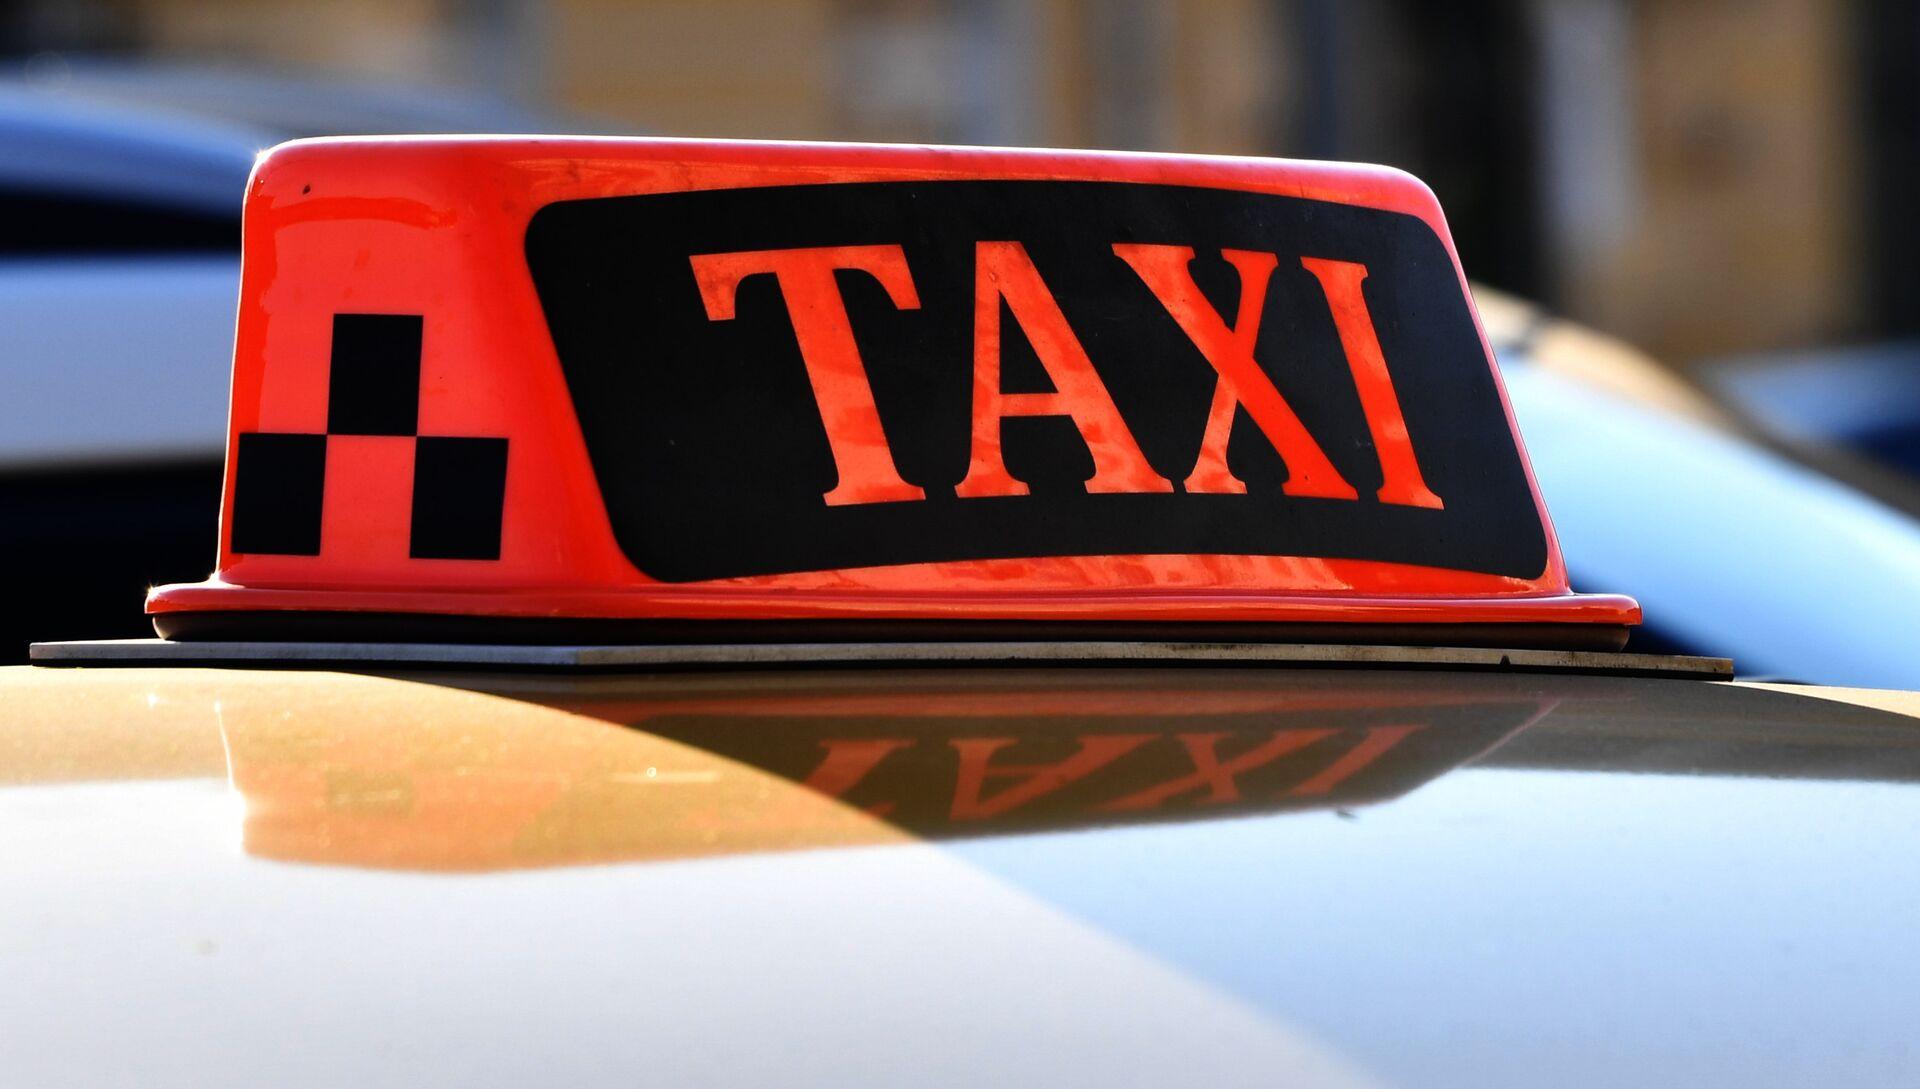 Световой короб на крыше автомобиля такси. Архивное фото - РИА Новости, 1920, 06.04.2021